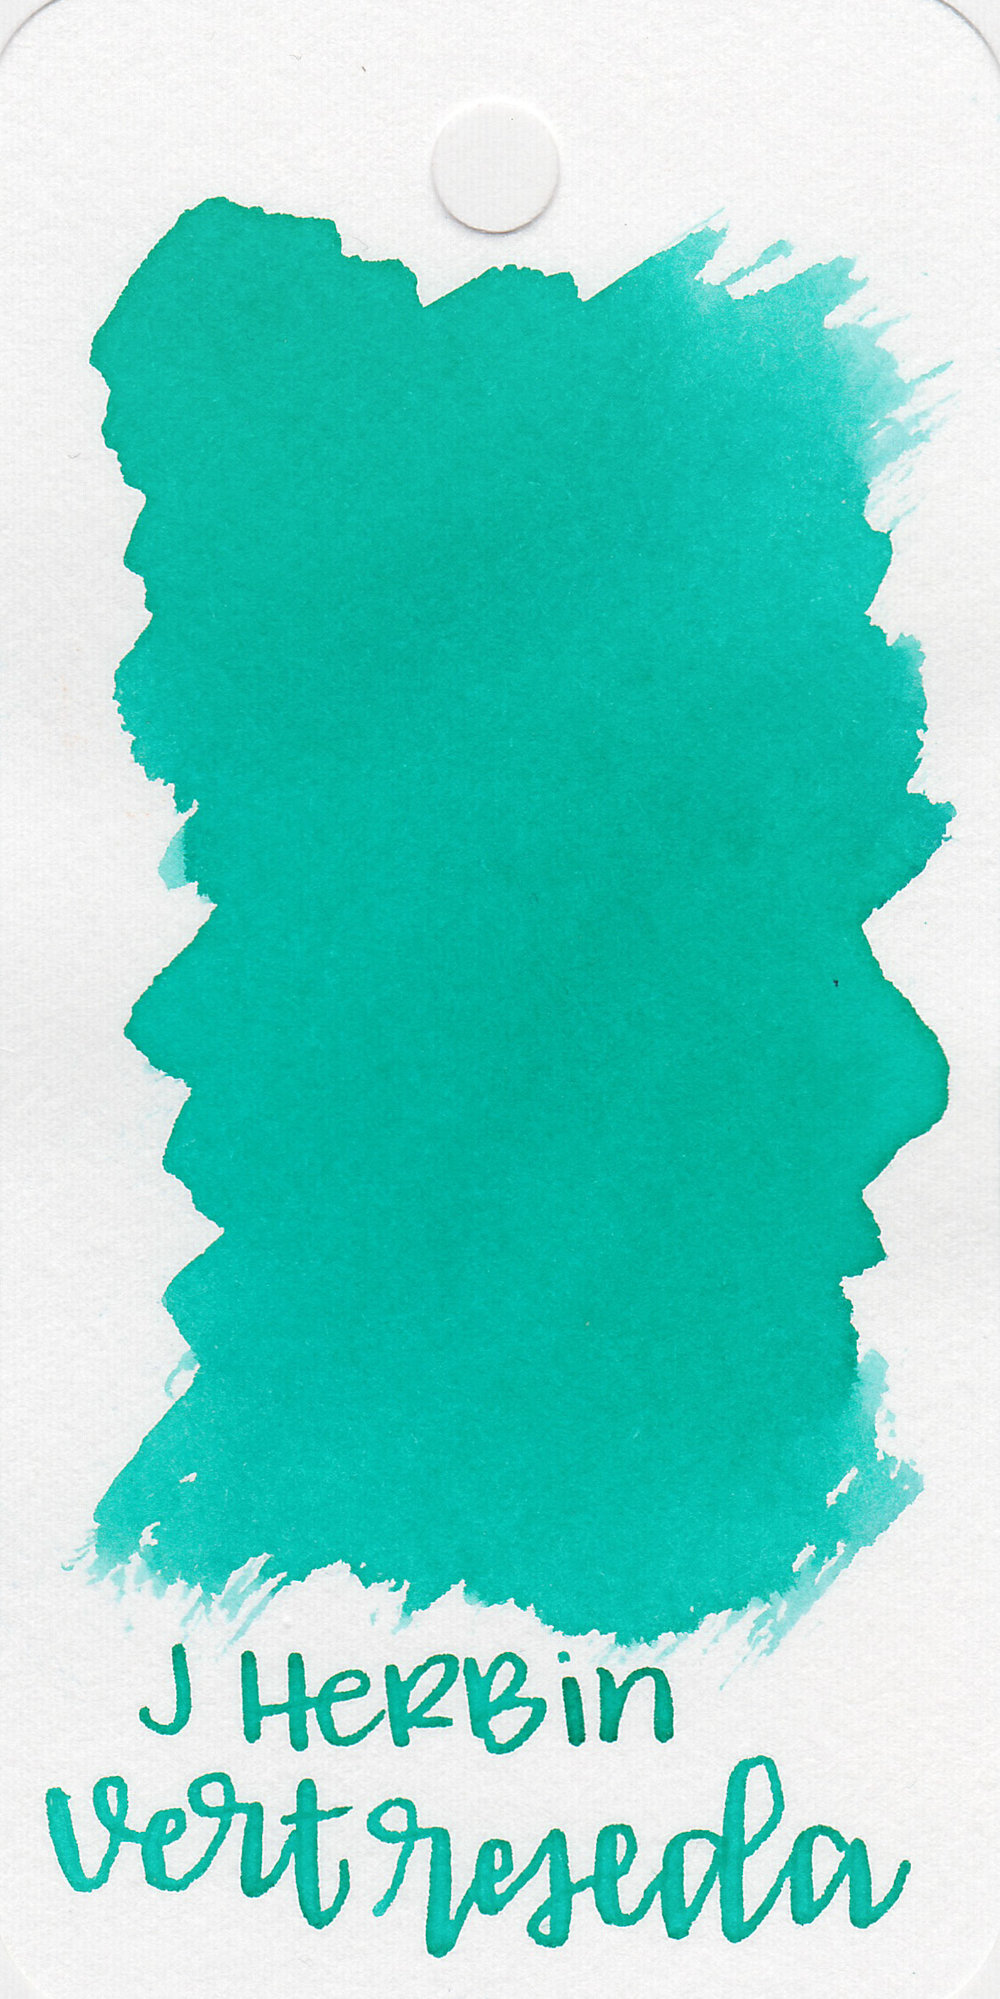 jh-vert-reseda-1.jpg